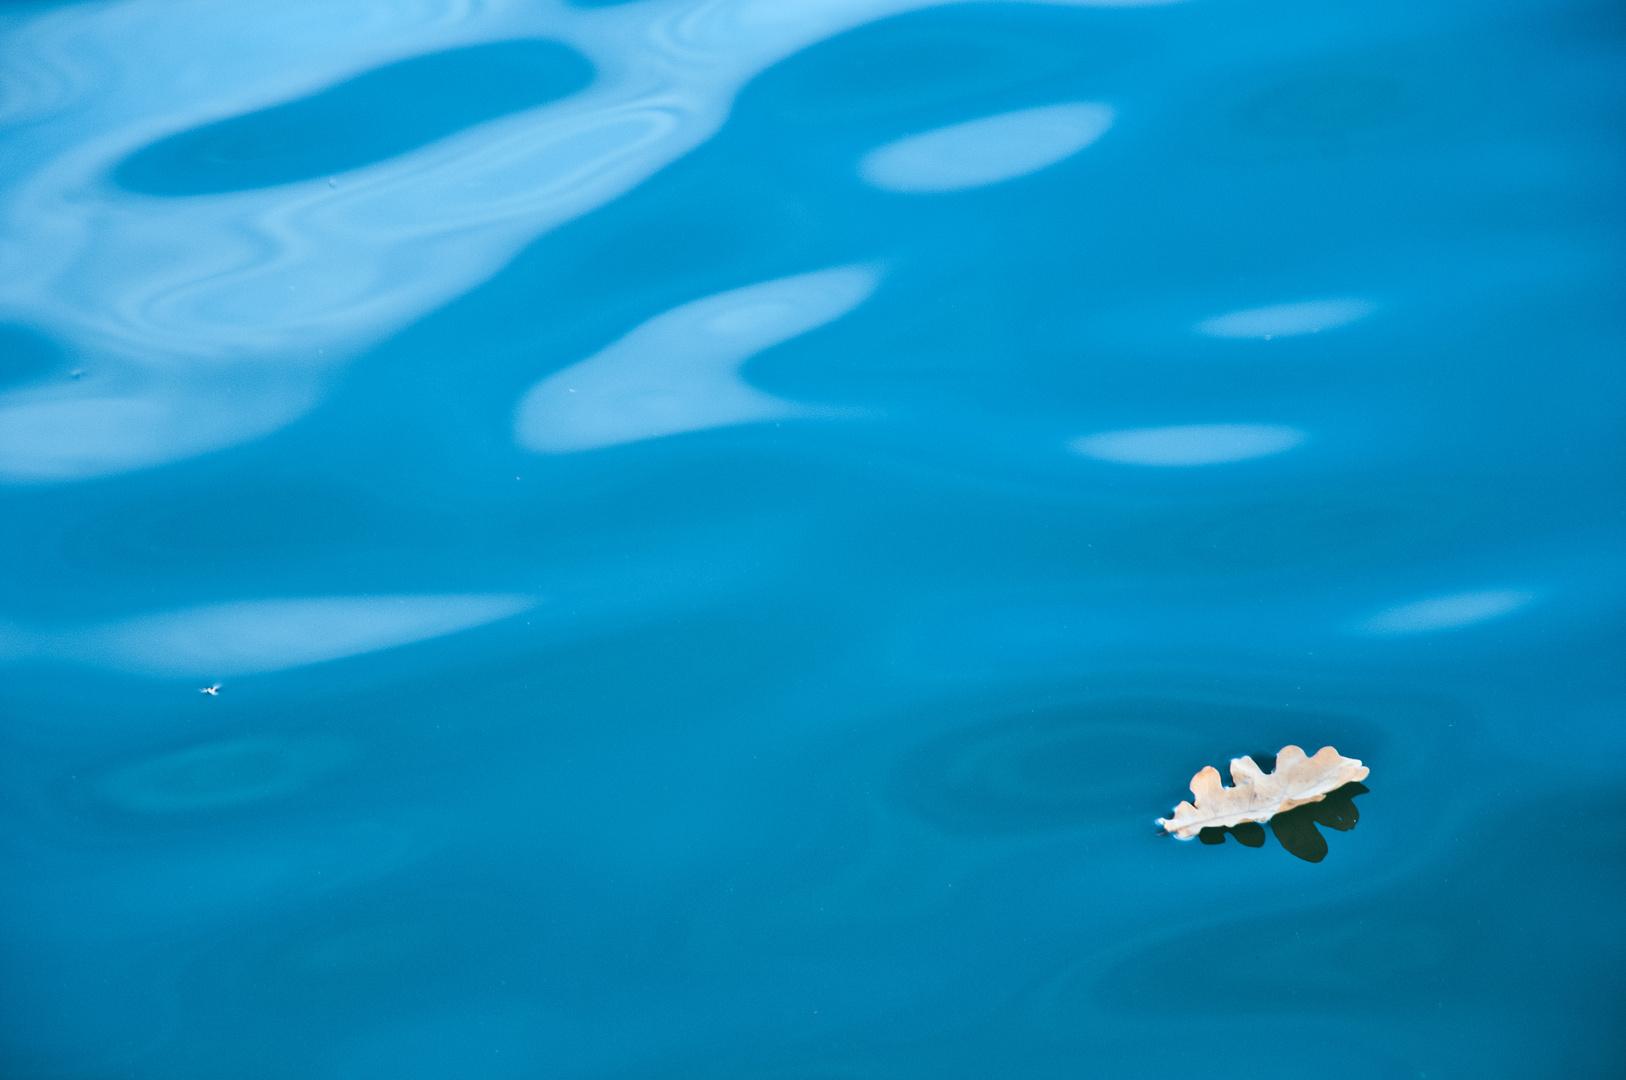 Eichenblatt beim Rückenschwimmen